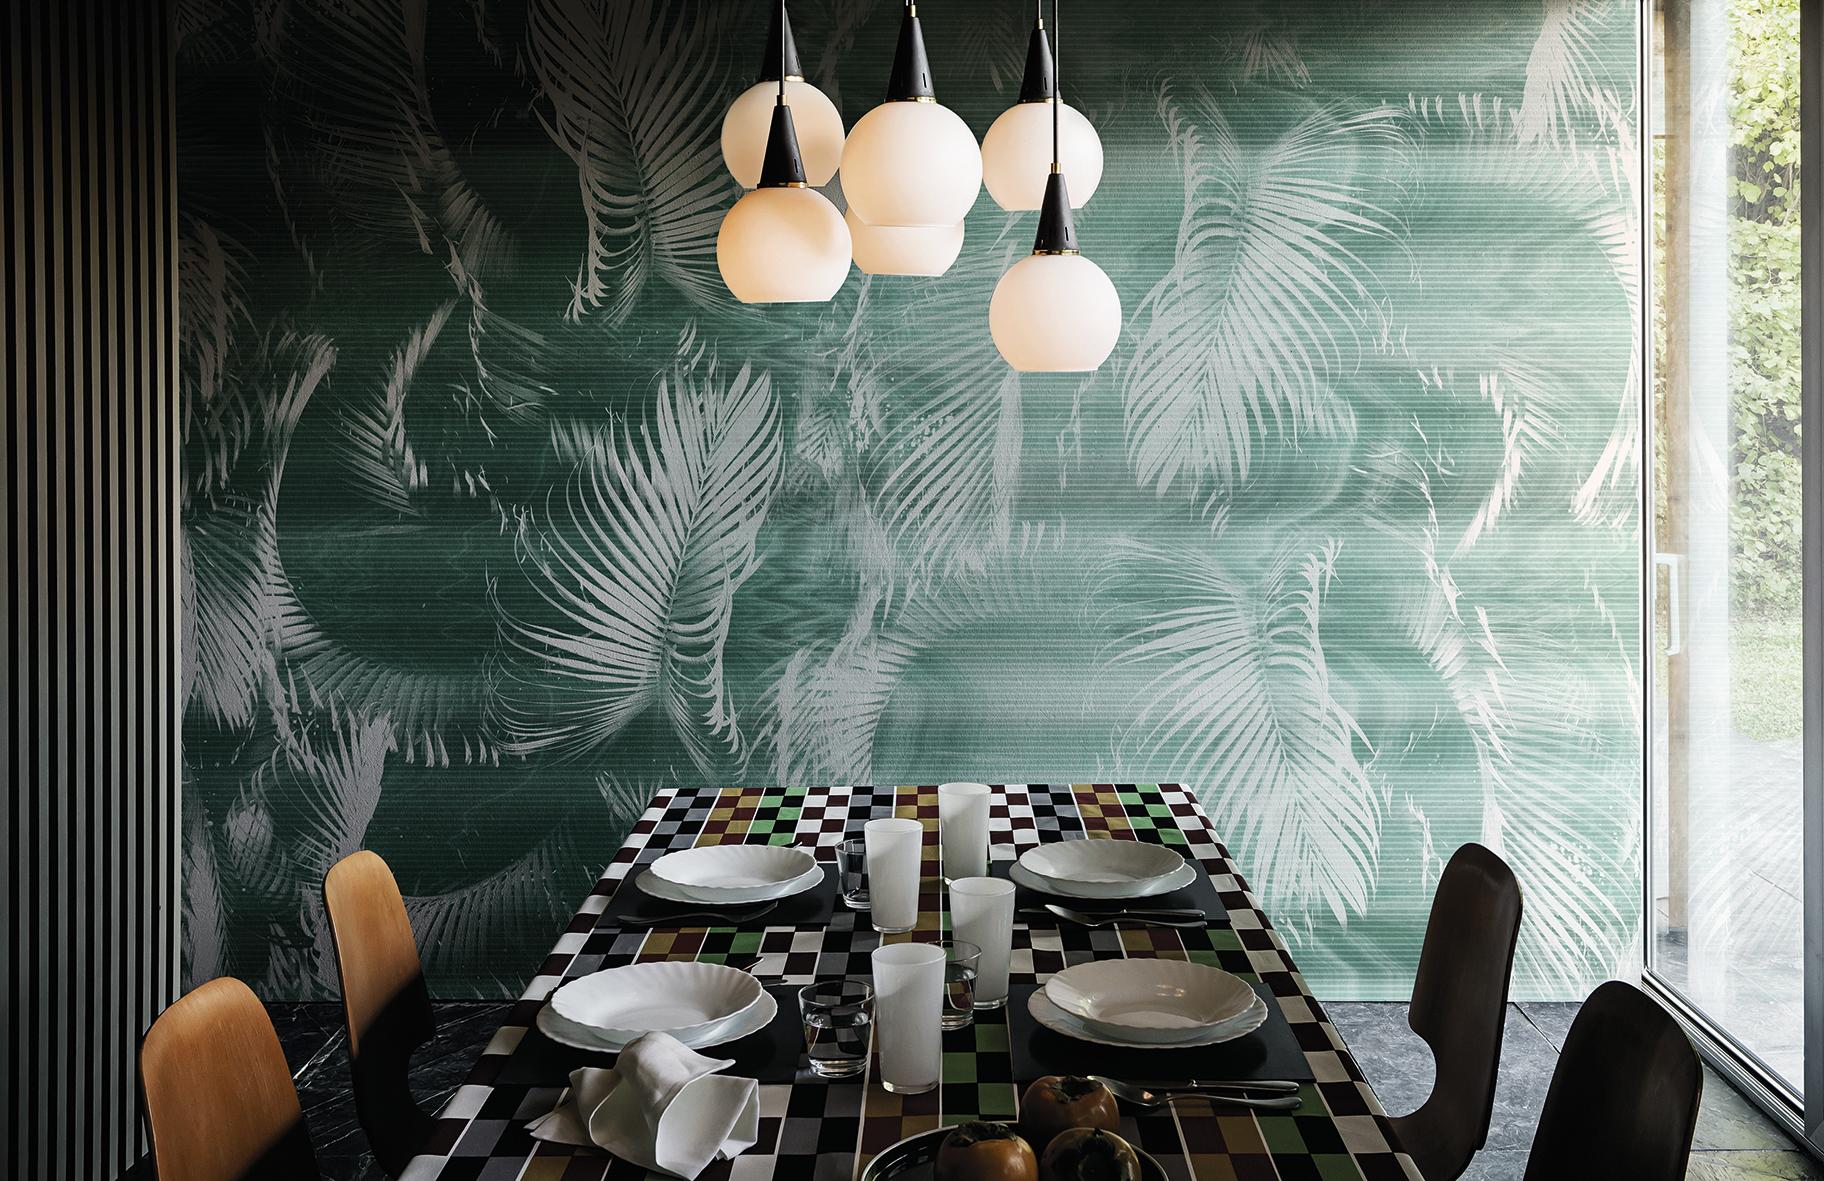 la wallpaper machine di wall dec nel nuovo showroom di. Black Bedroom Furniture Sets. Home Design Ideas